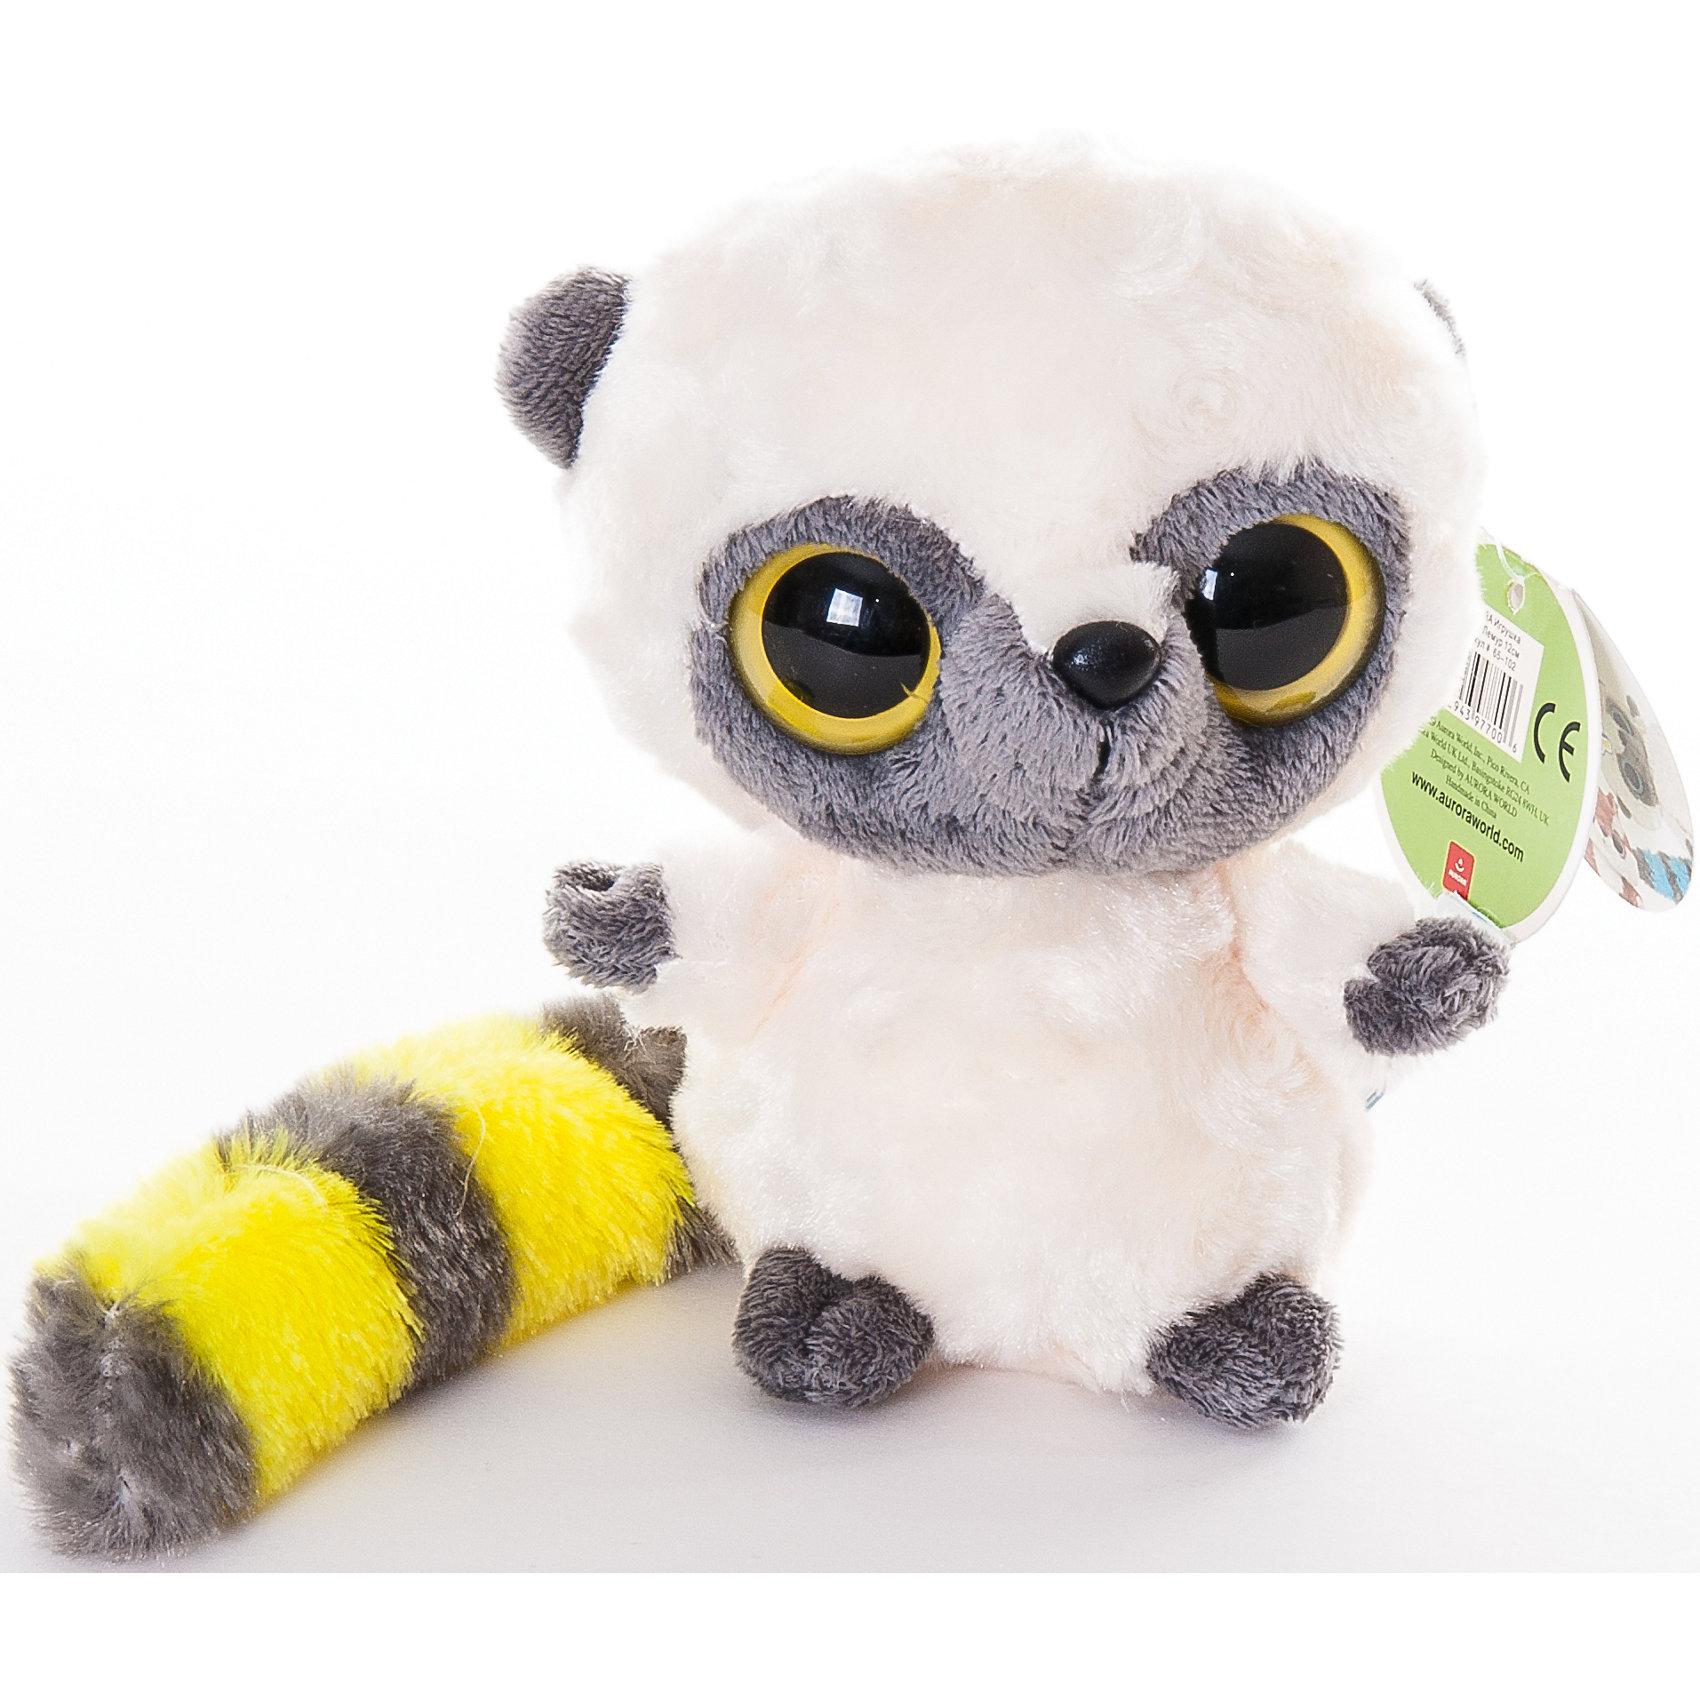 AURORA Мягкая игрушка Юху желтый, 12см, Юху и друзья, AURORA большую мягкую игрушку собаку лежа в москве